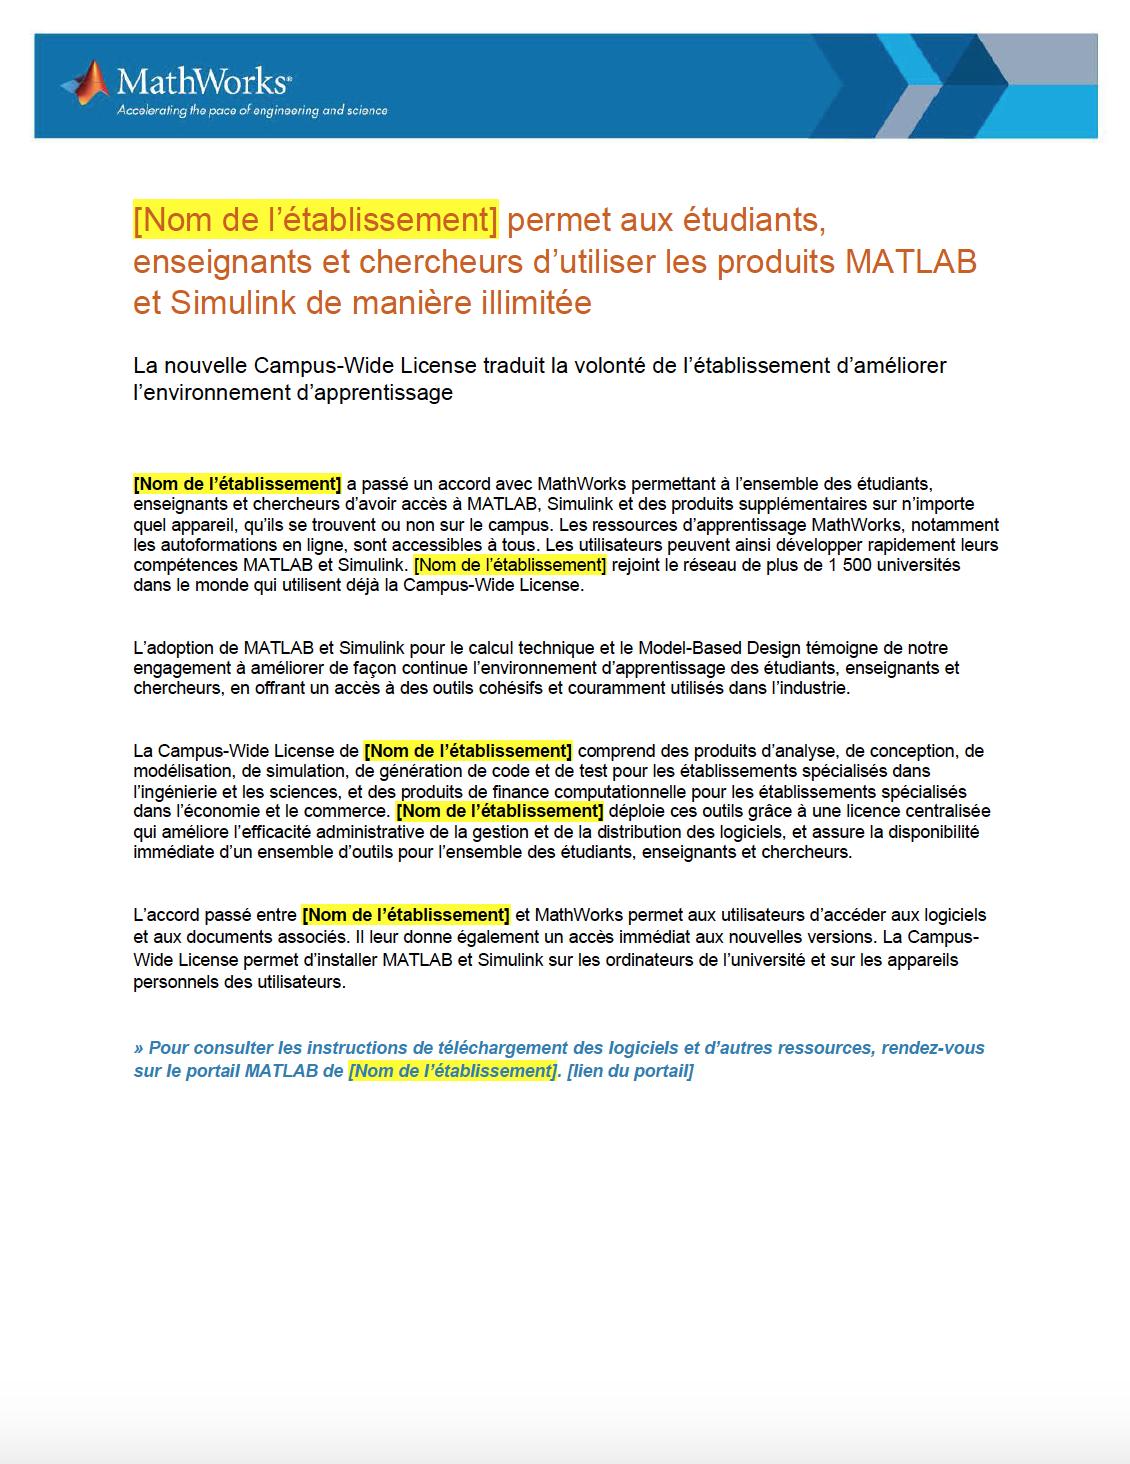 Communiqué de presse du Campus